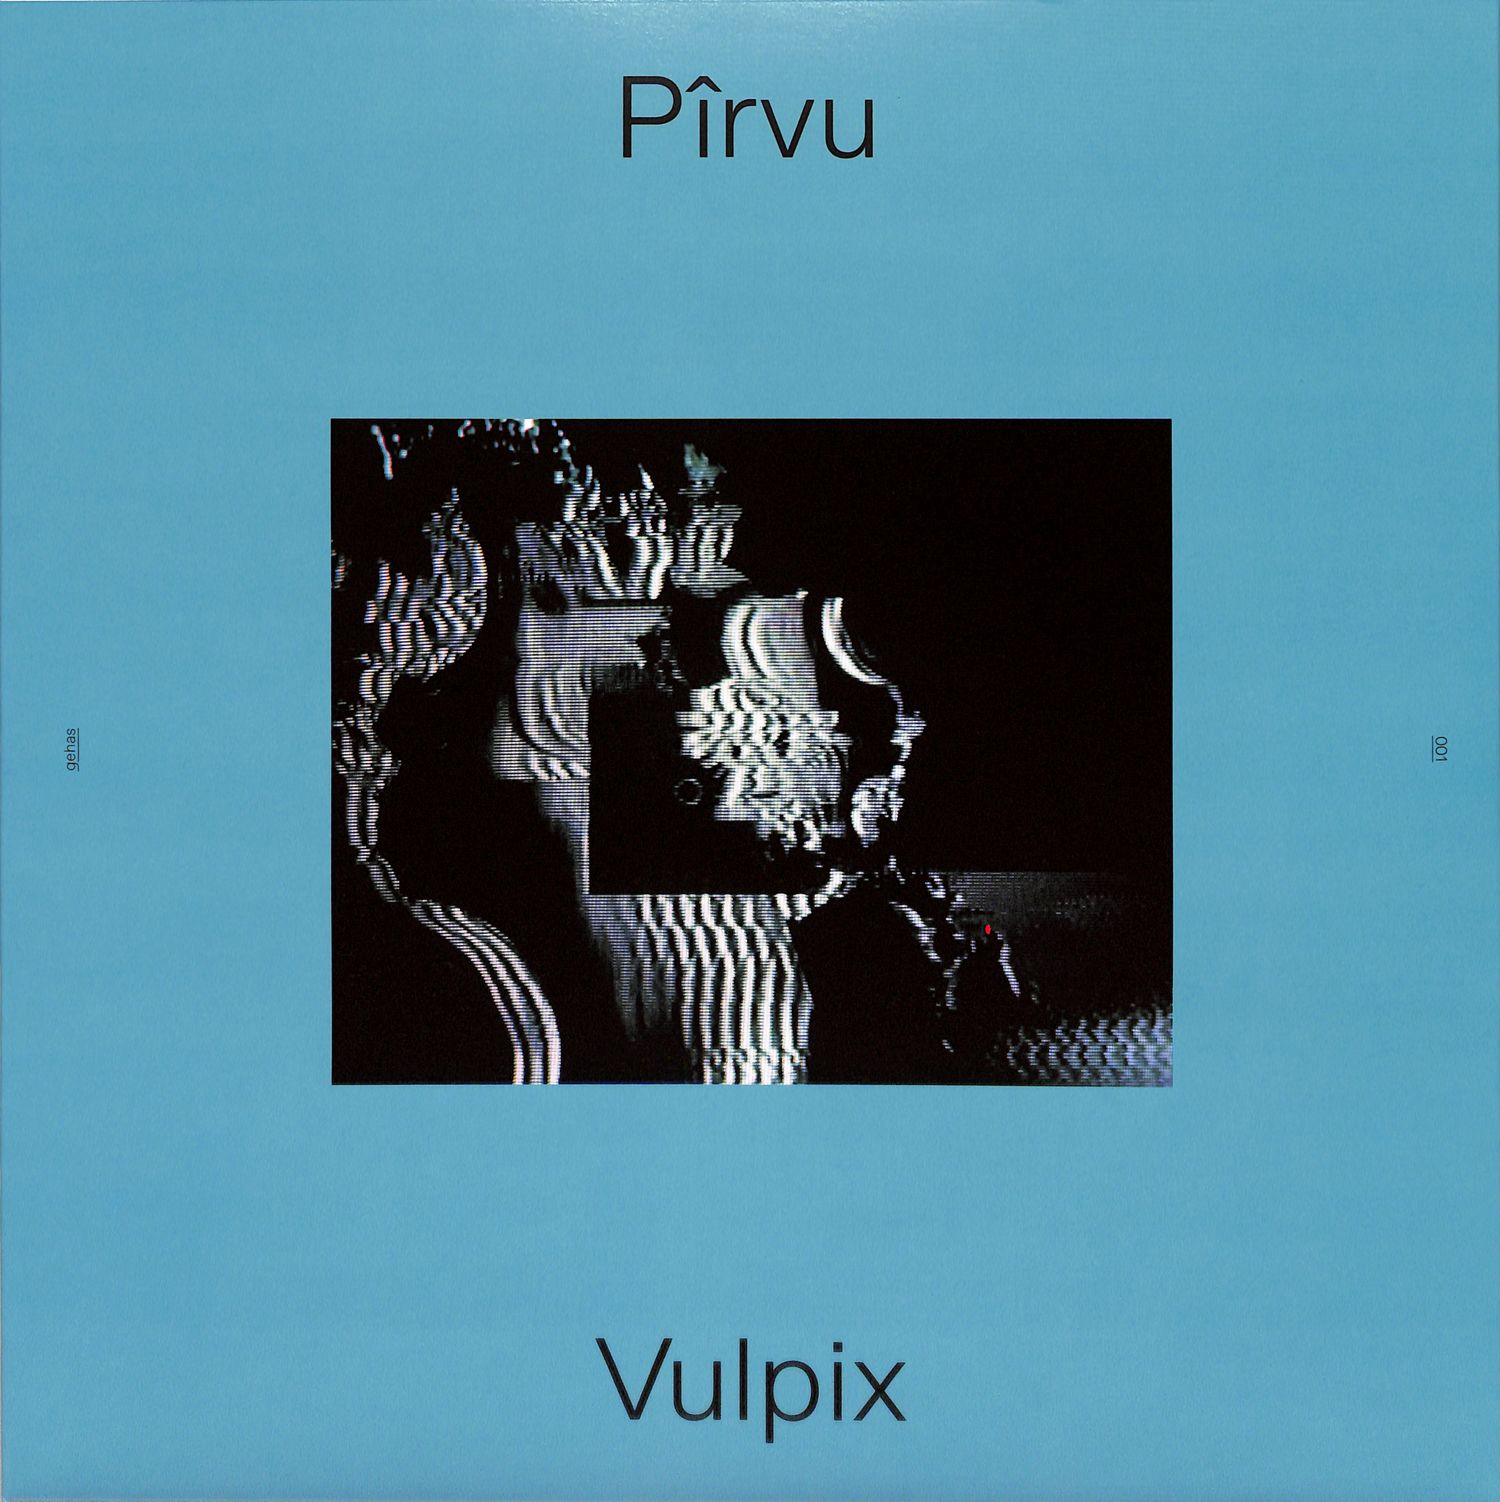 Pîrvu - Vulpix EP [Club Guesthouse]